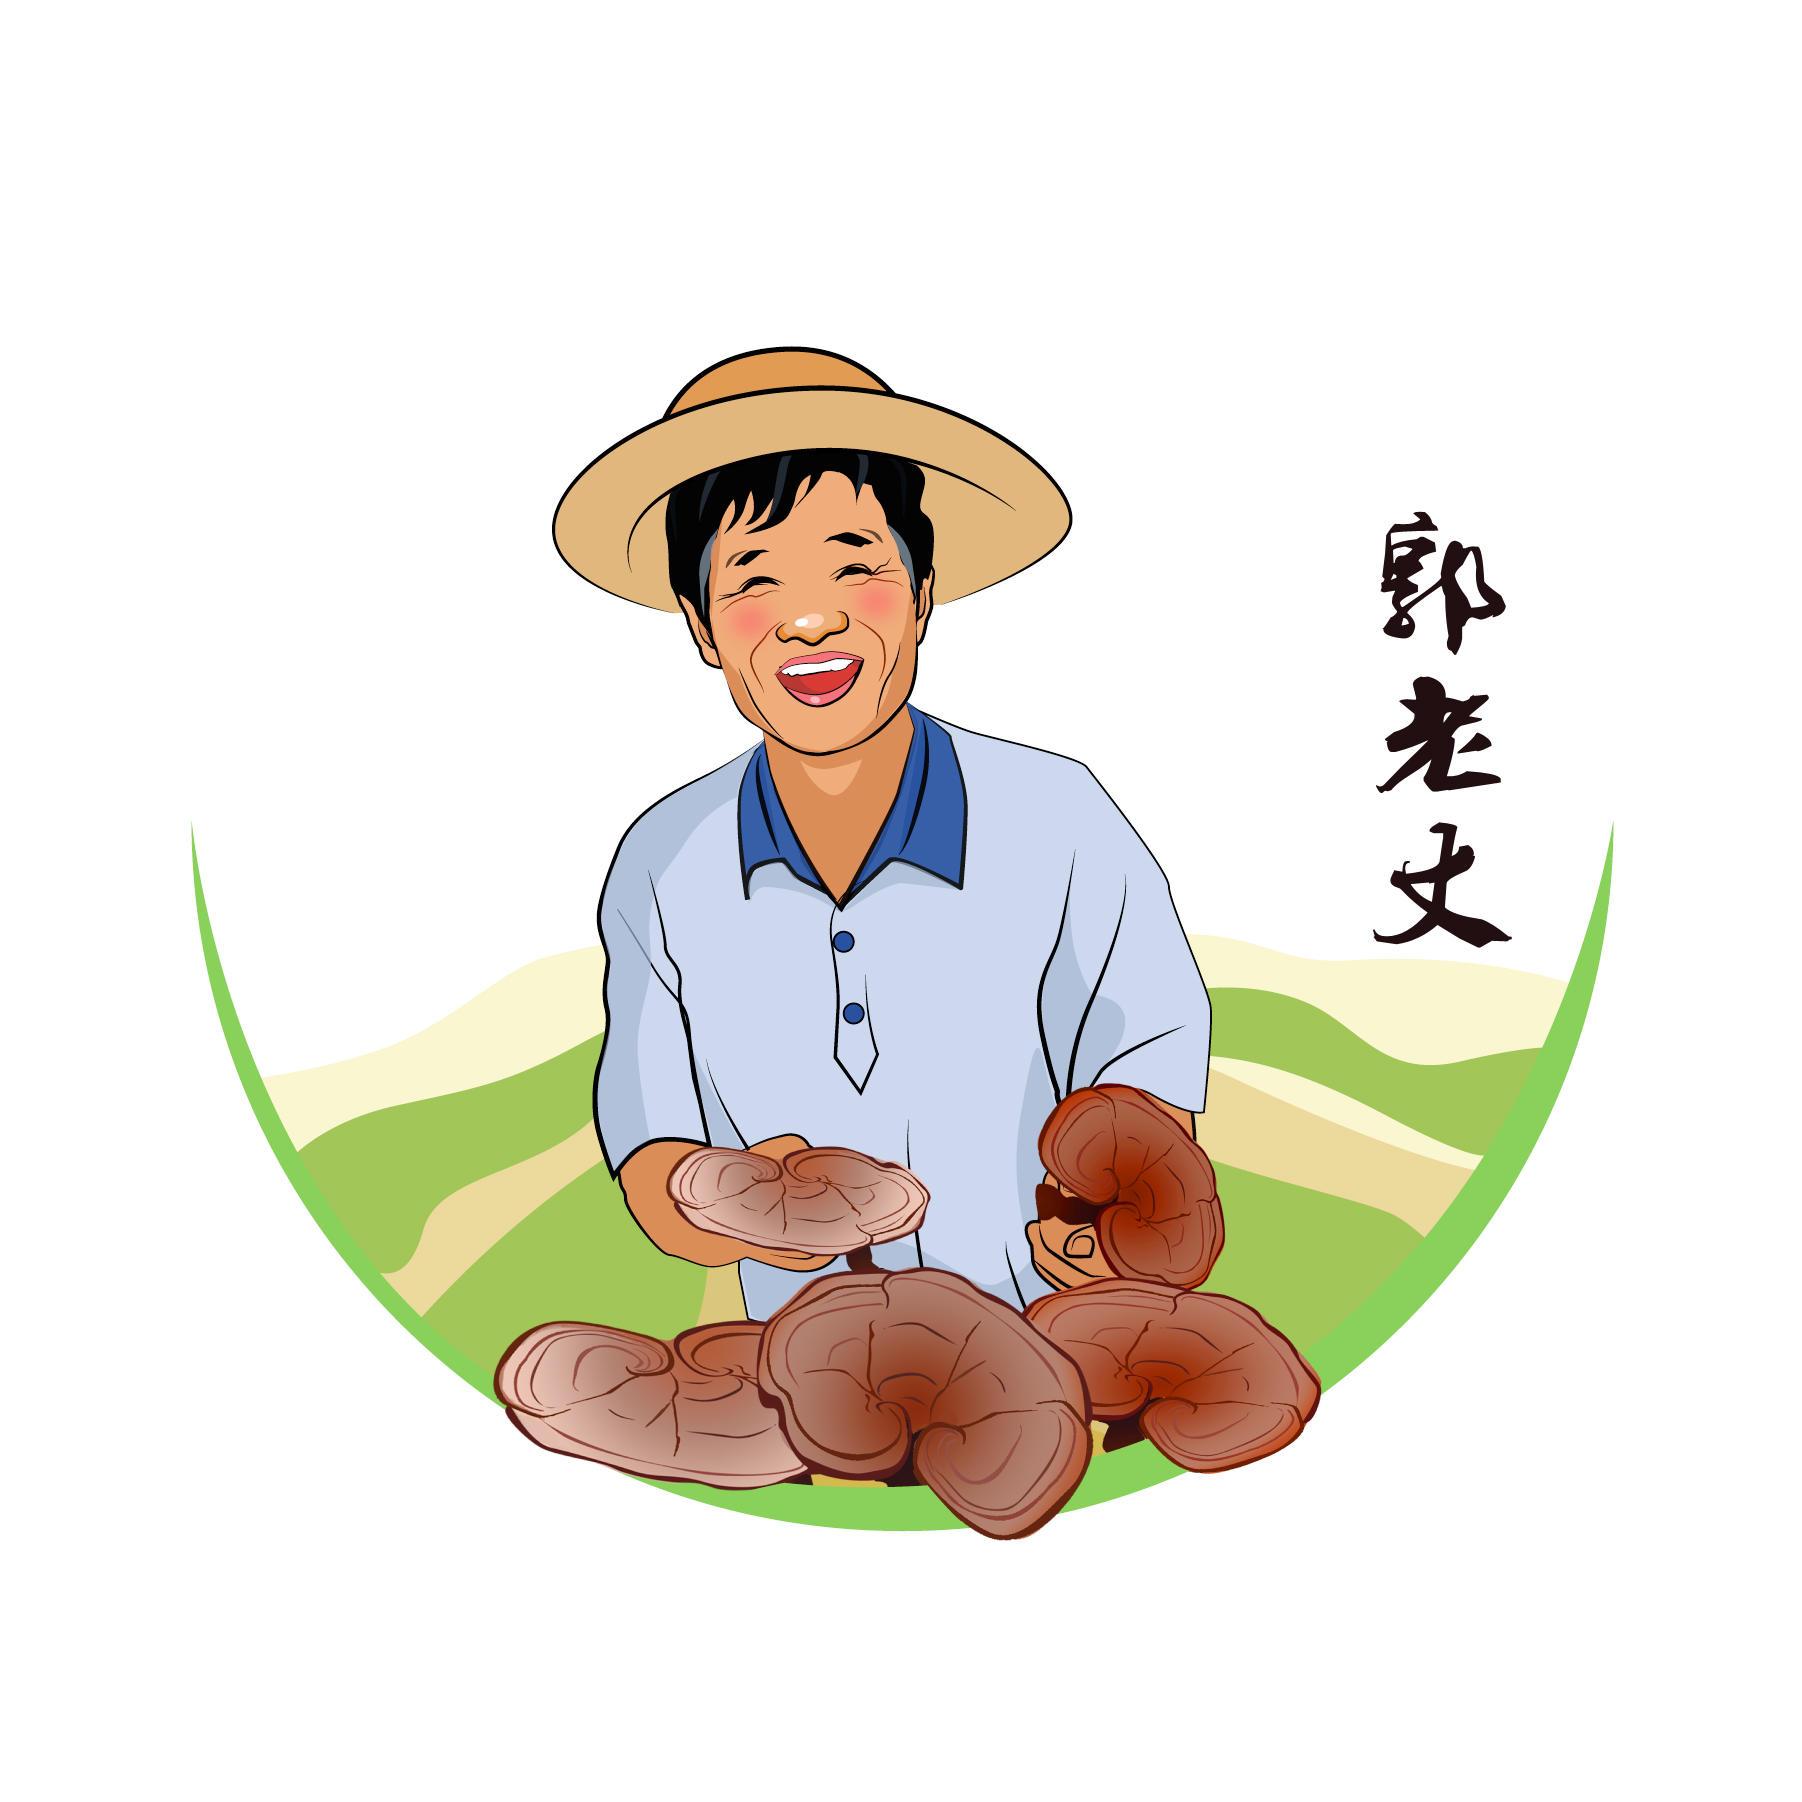 帮丈�yj&9�b���_郭老丈长白山土特产旗舰店170108